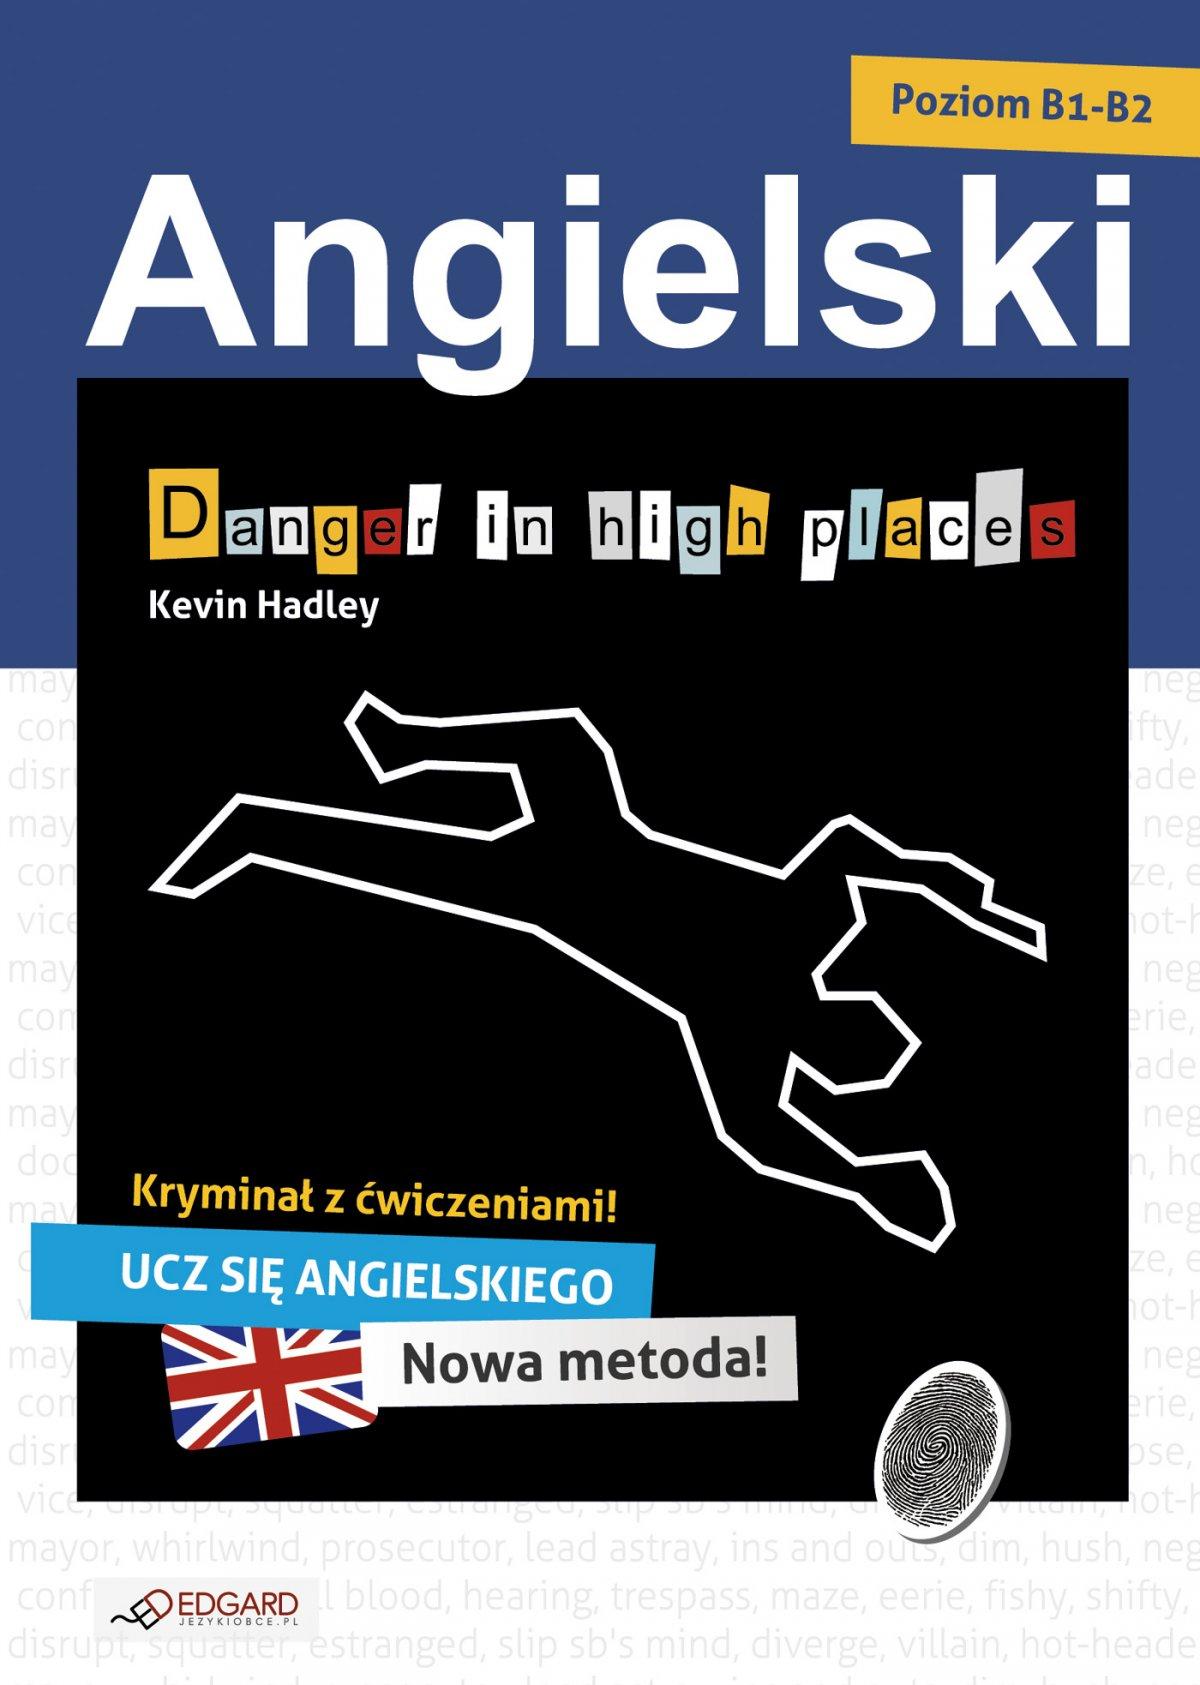 Danger in high places. Angielski kryminał z ćwiczeniami - Ebook (Książka na Kindle) do pobrania w formacie MOBI